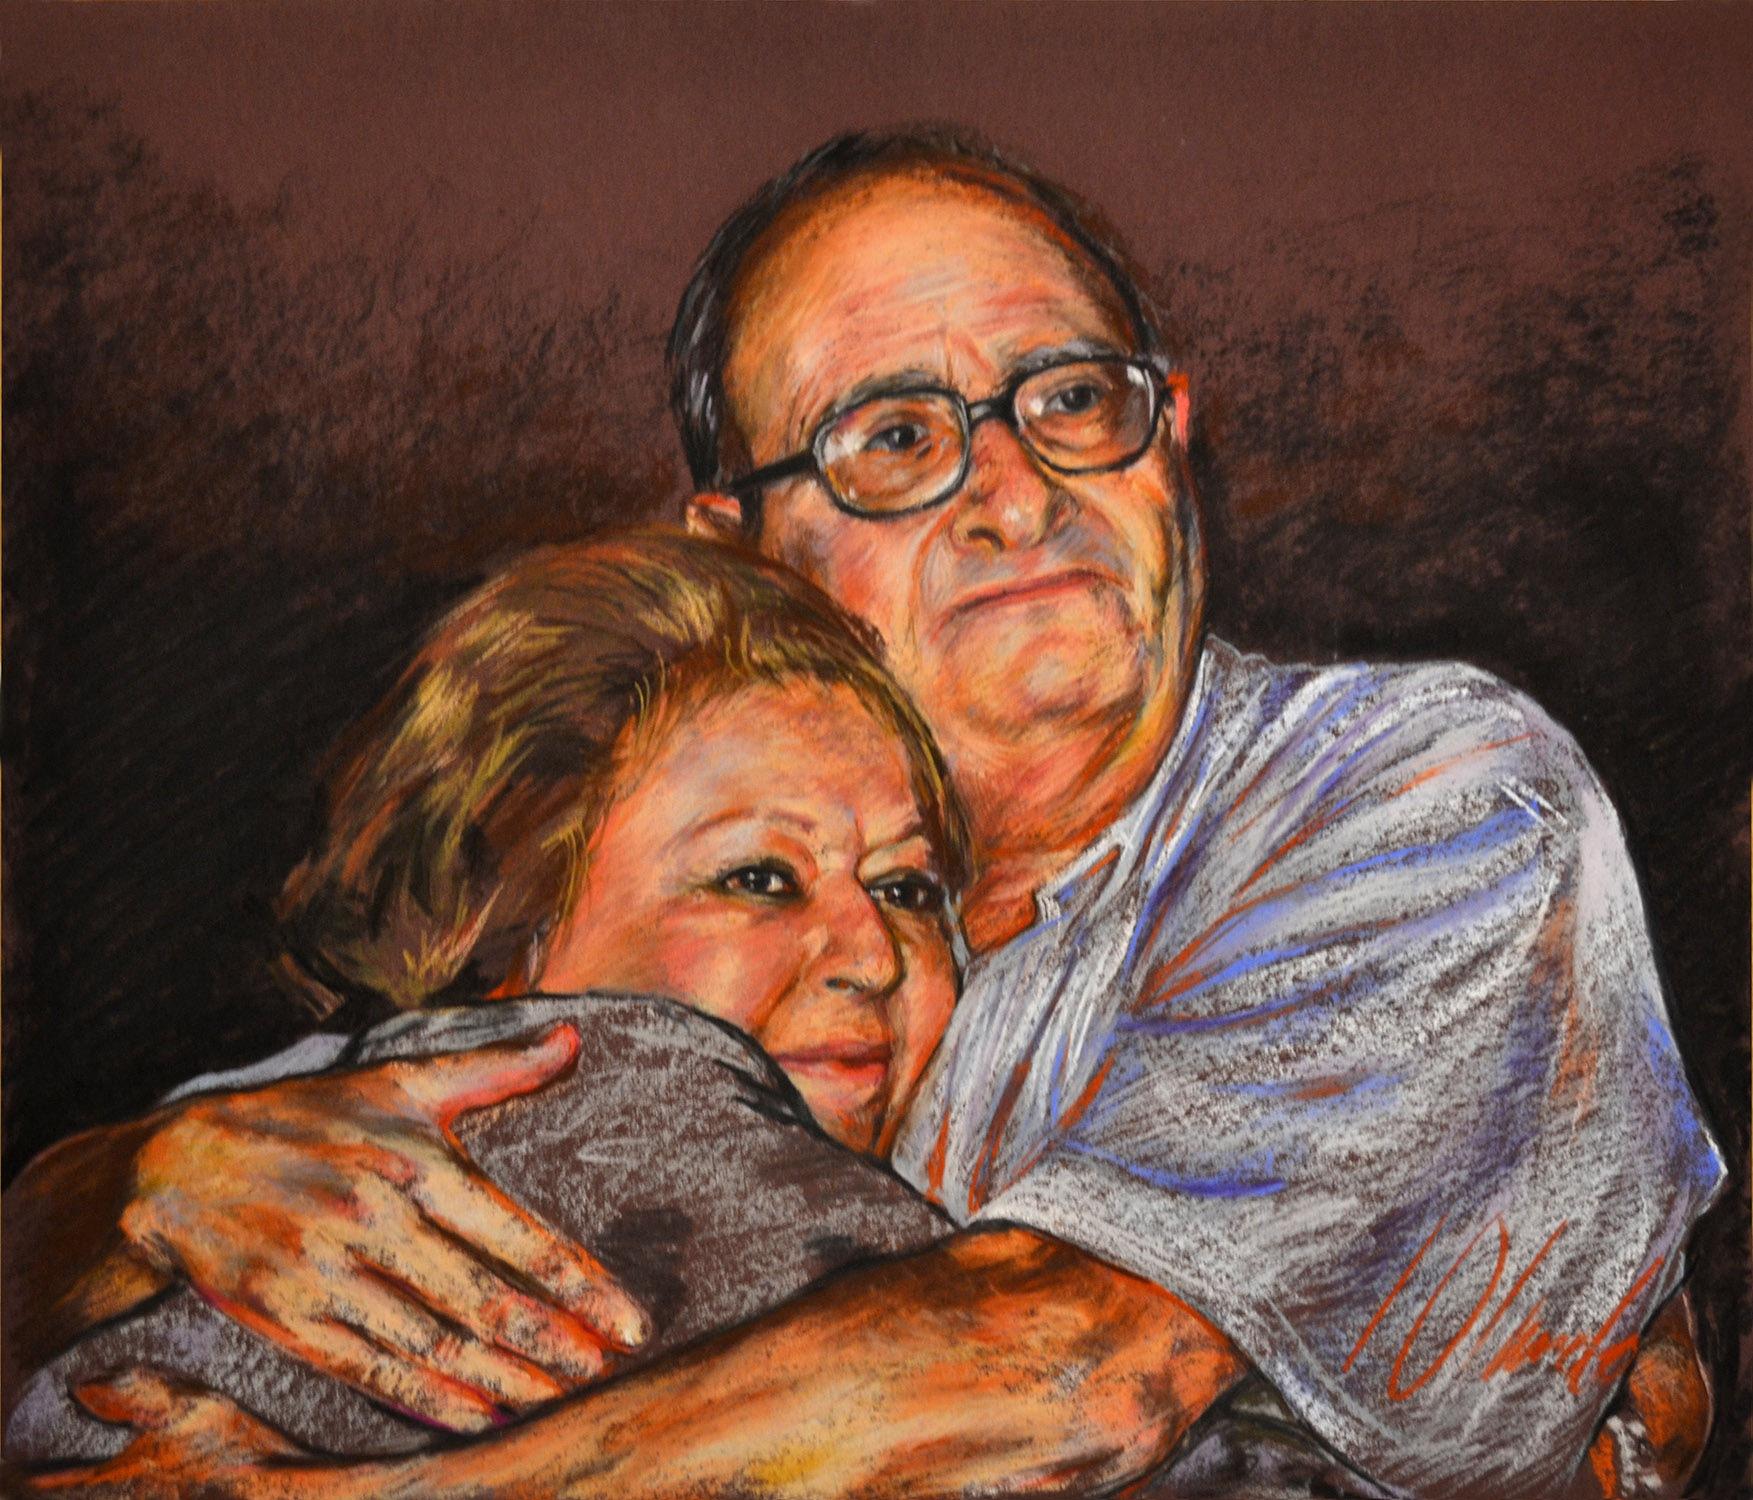 Jose y Concha. Retratos en pastel, obra de Javier Olmedo, 2012